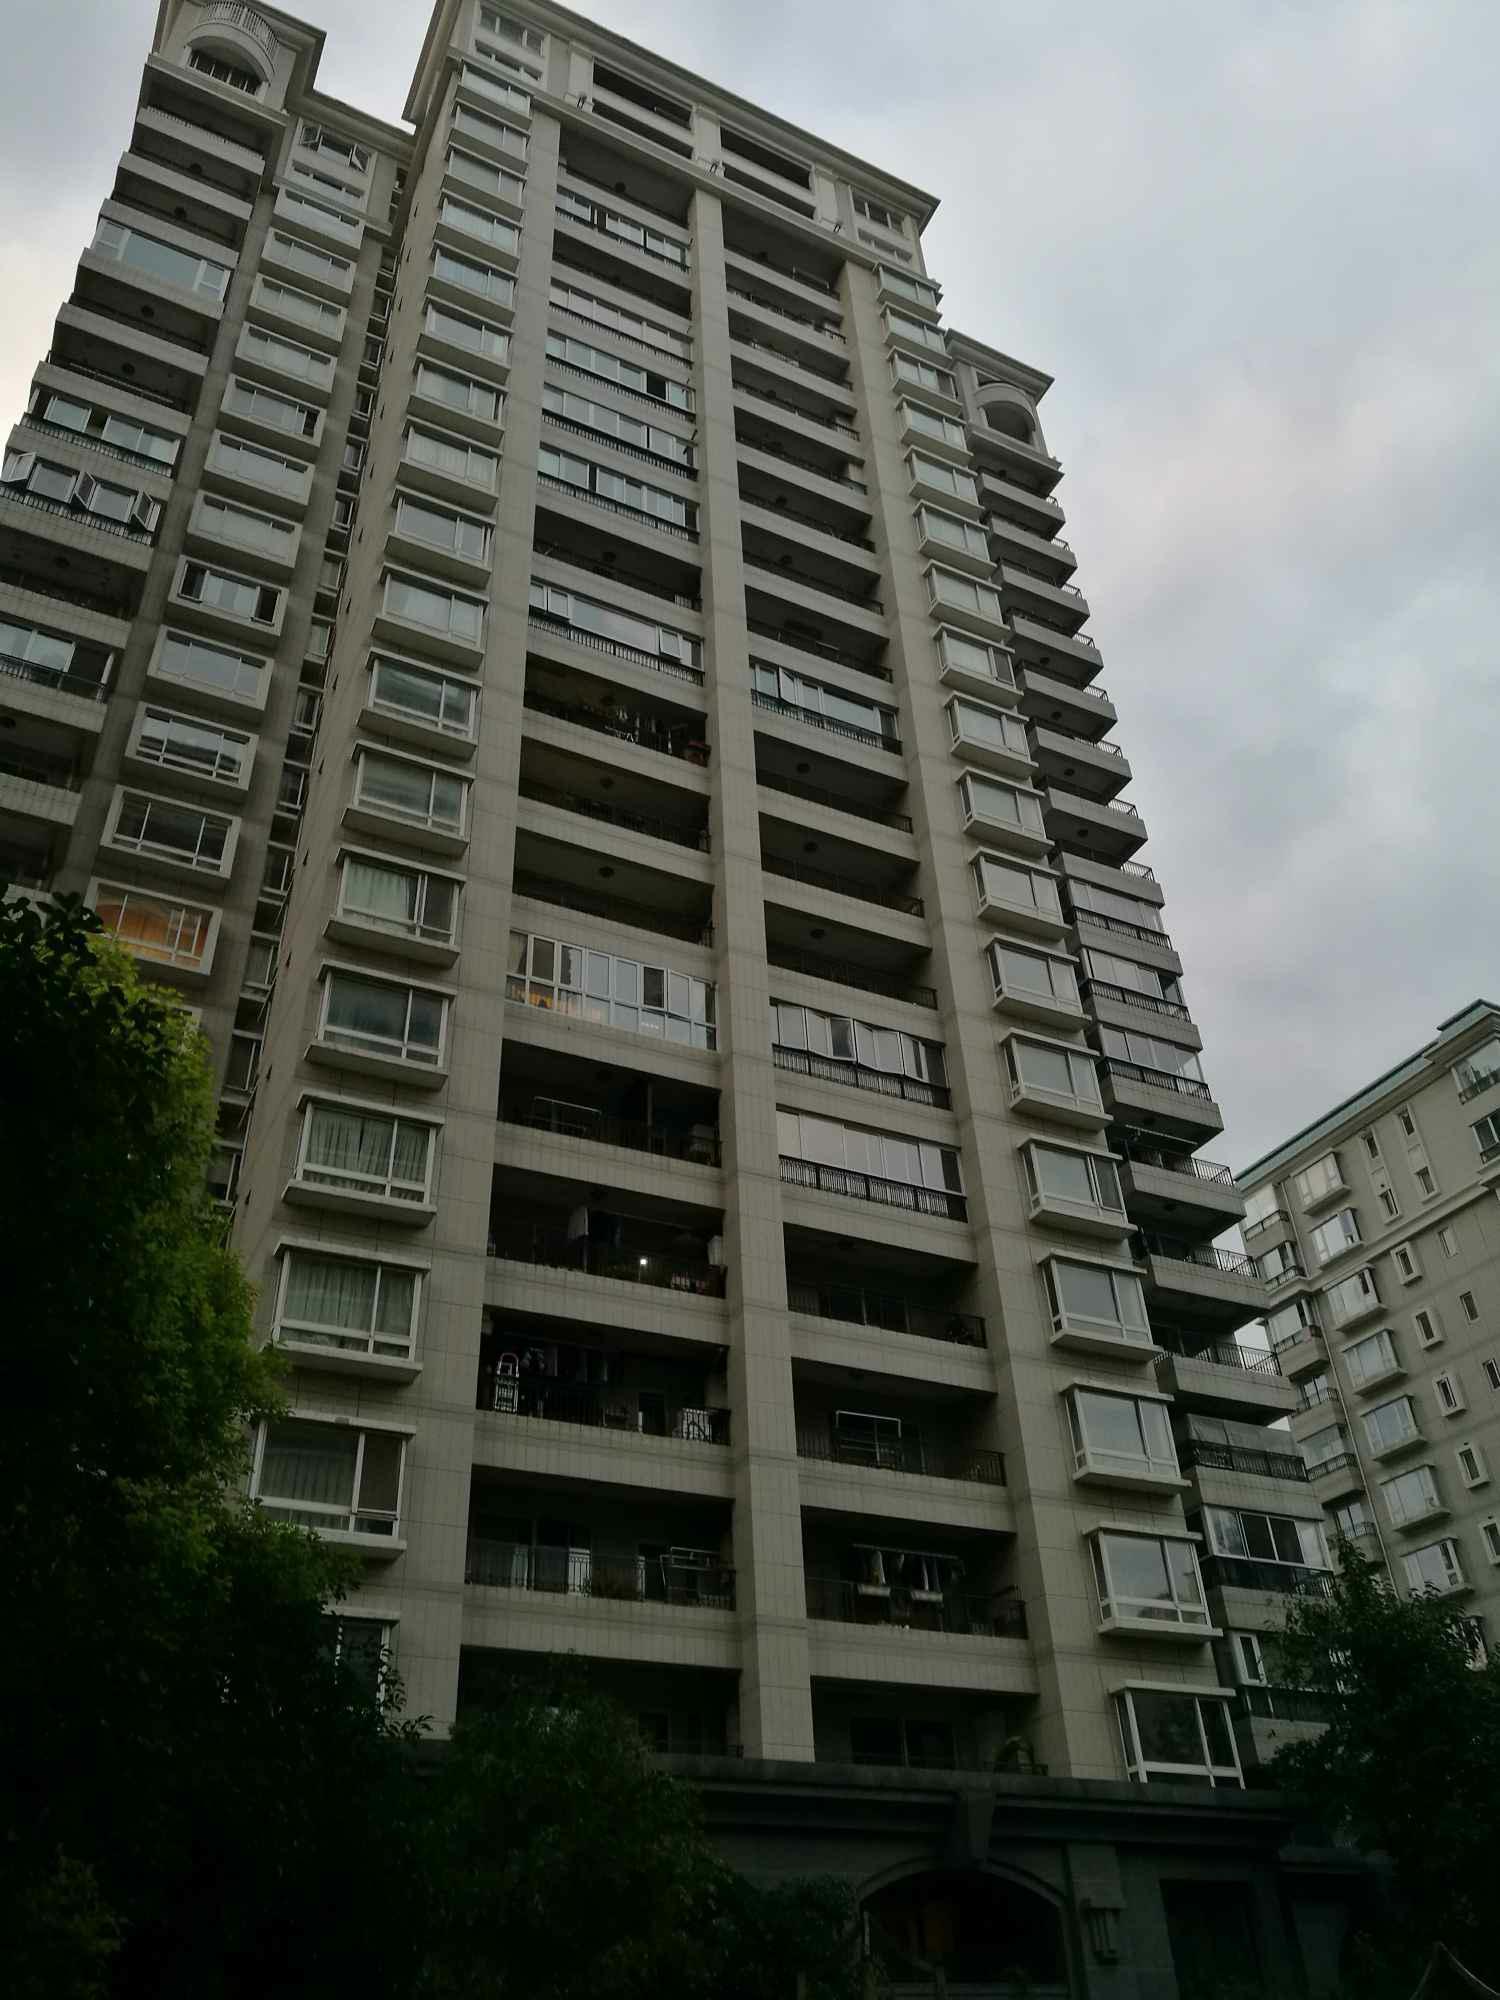 远中风华园(公寓)房源图片